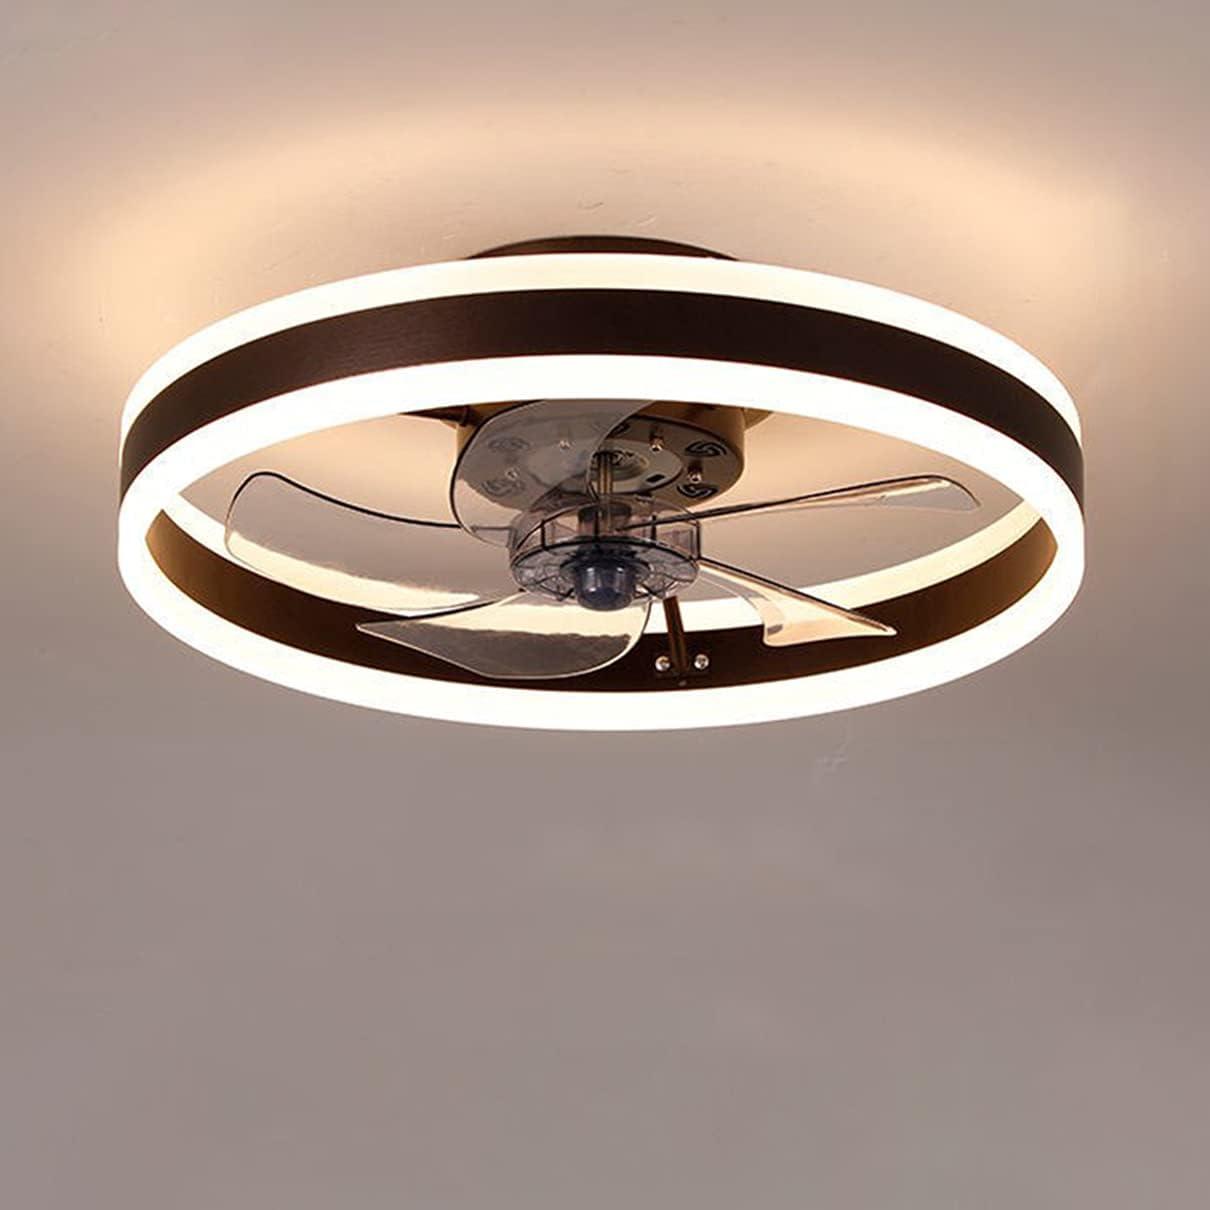 Dagea LED Ventilador de Techo con Iluminación, Moderno Dormitorio Mudo Ventilador Lámparas de Techo, con Control Remoto Regulable, Temporización, para Sala de Estar, Habitación Infantil,Marrón,50CM